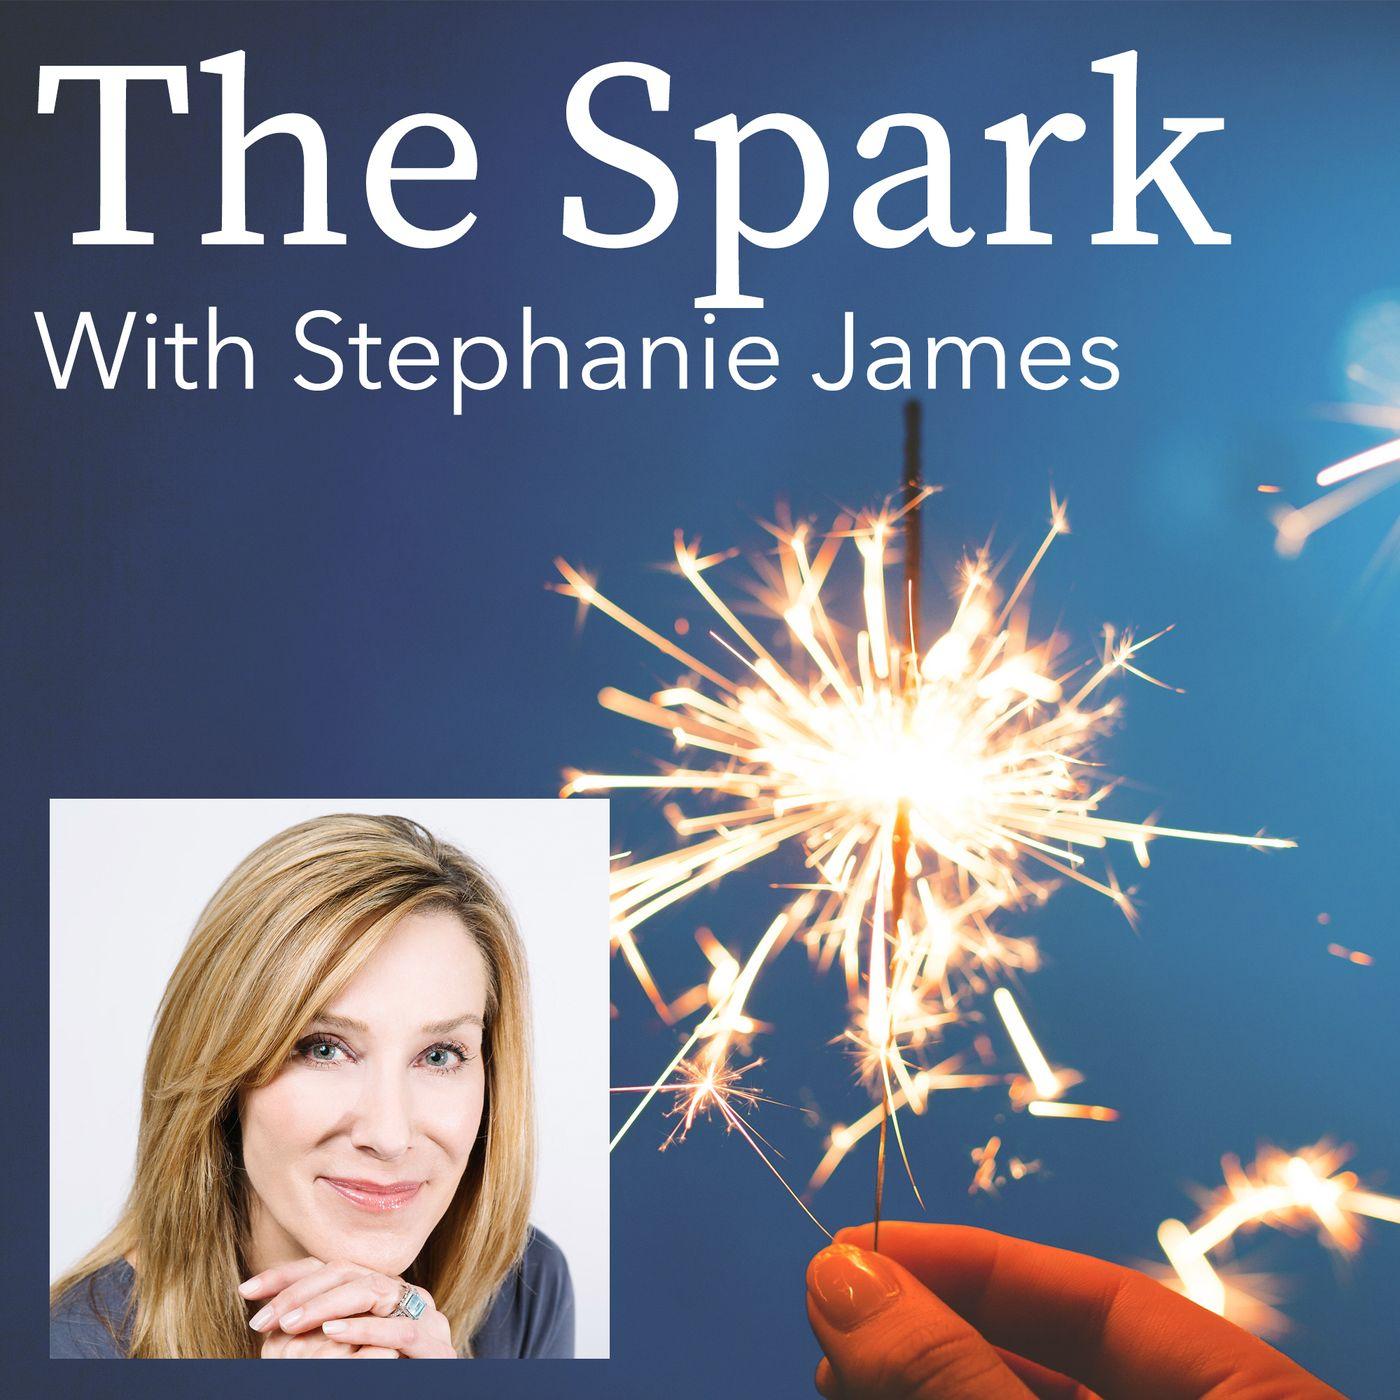 The Spark With Stephanie James